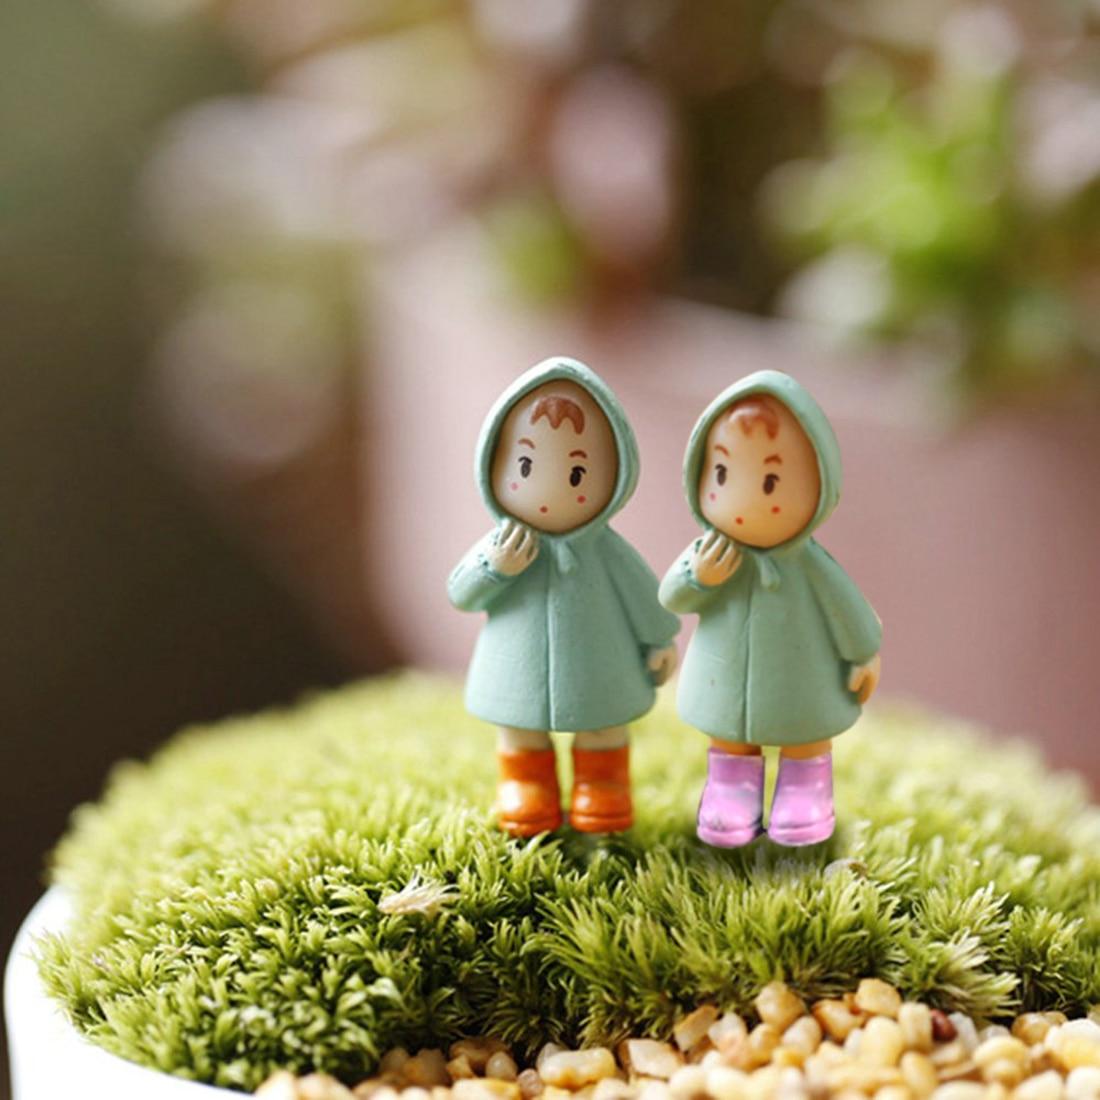 1pcs Cute Mini Figurines Miniature Girl Mei Resin Crafts Ornament